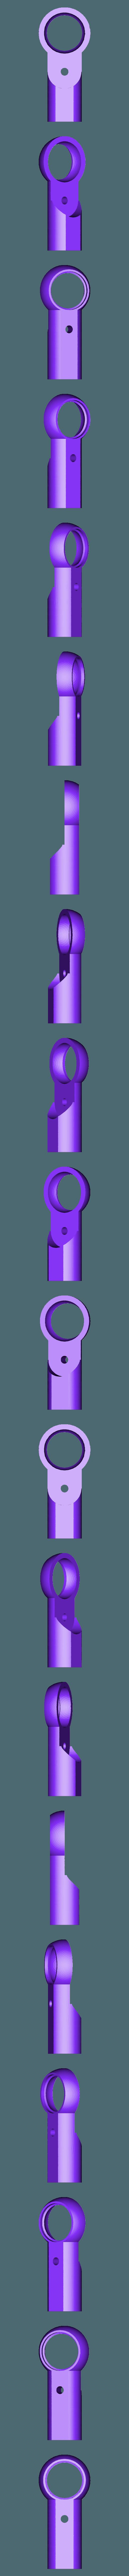 balljoint_main.stl Télécharger fichier STL gratuit Configuration G2S de Geetech pour les microprogrammes répétitifs • Modèle pour impression 3D, kakiemon